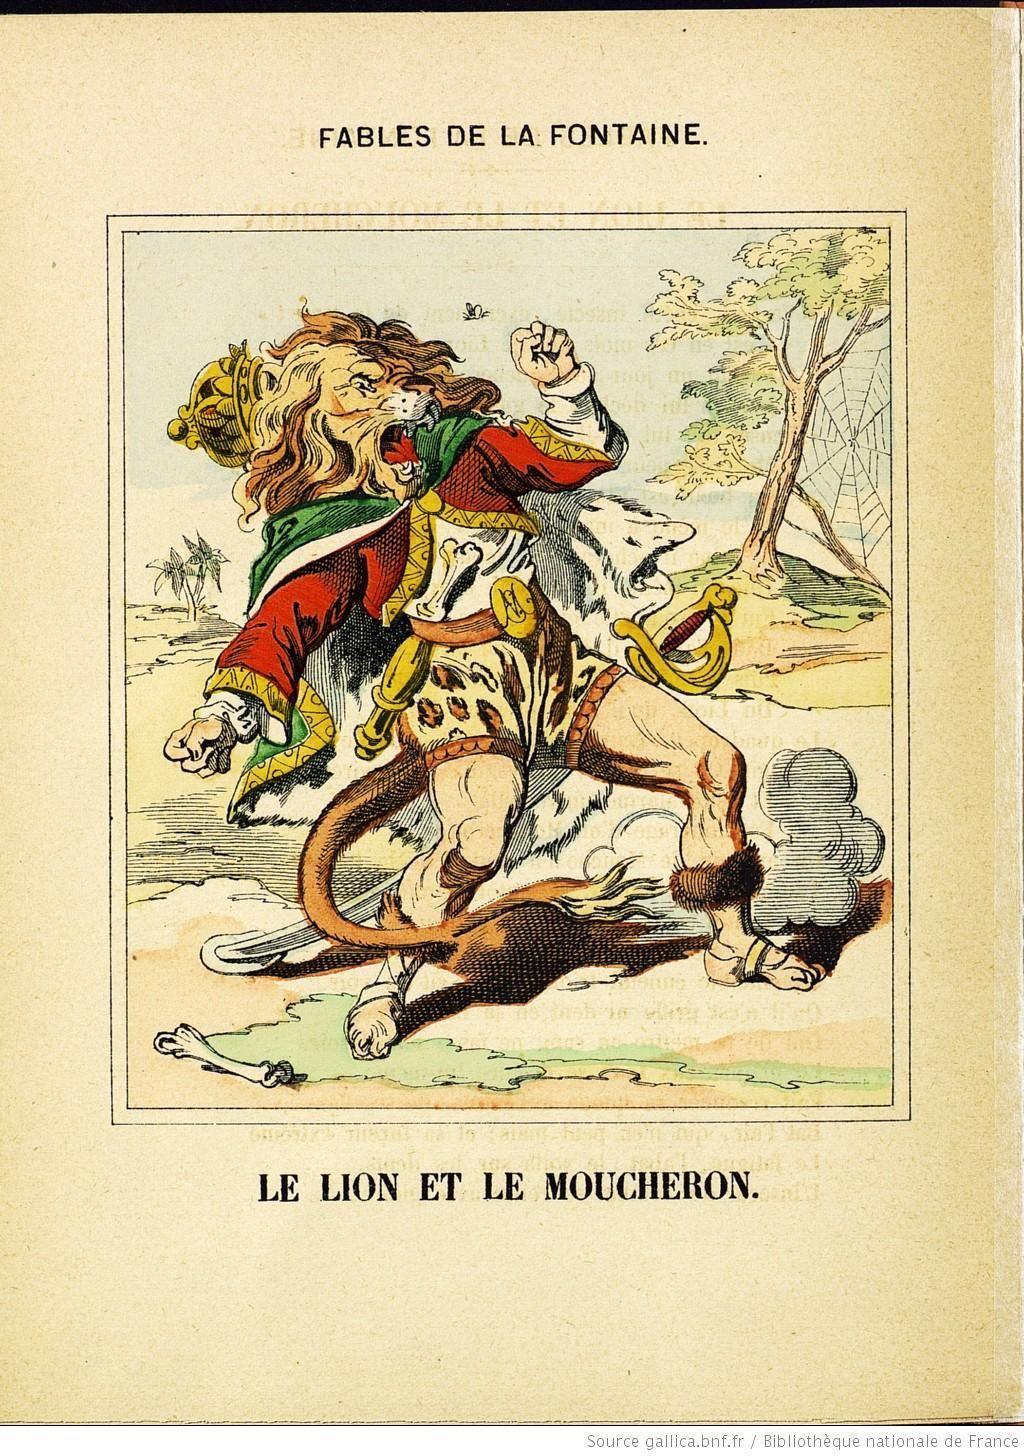 Fables de la fontaine images d 39 pinal le lion et le moucheron bnf bibliotheca jean de la - Le renard et la cigogne dessin ...